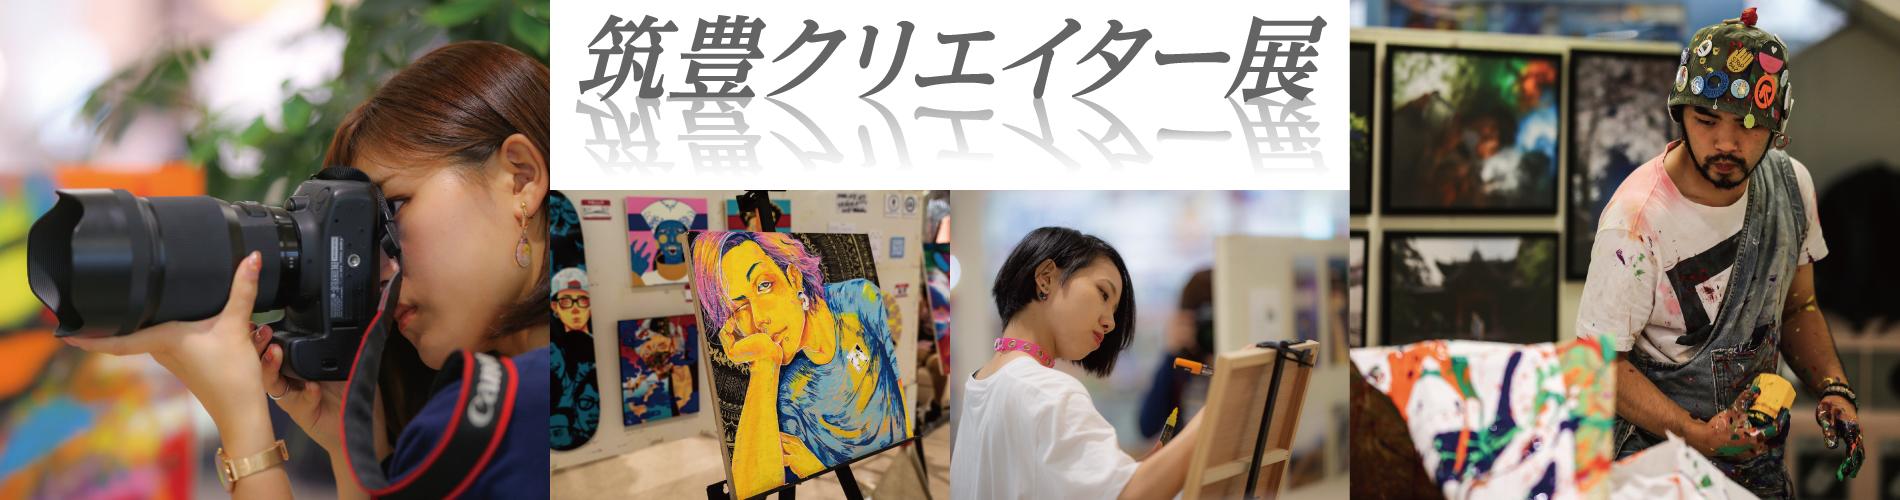 スライド_筑豊クリエイター展